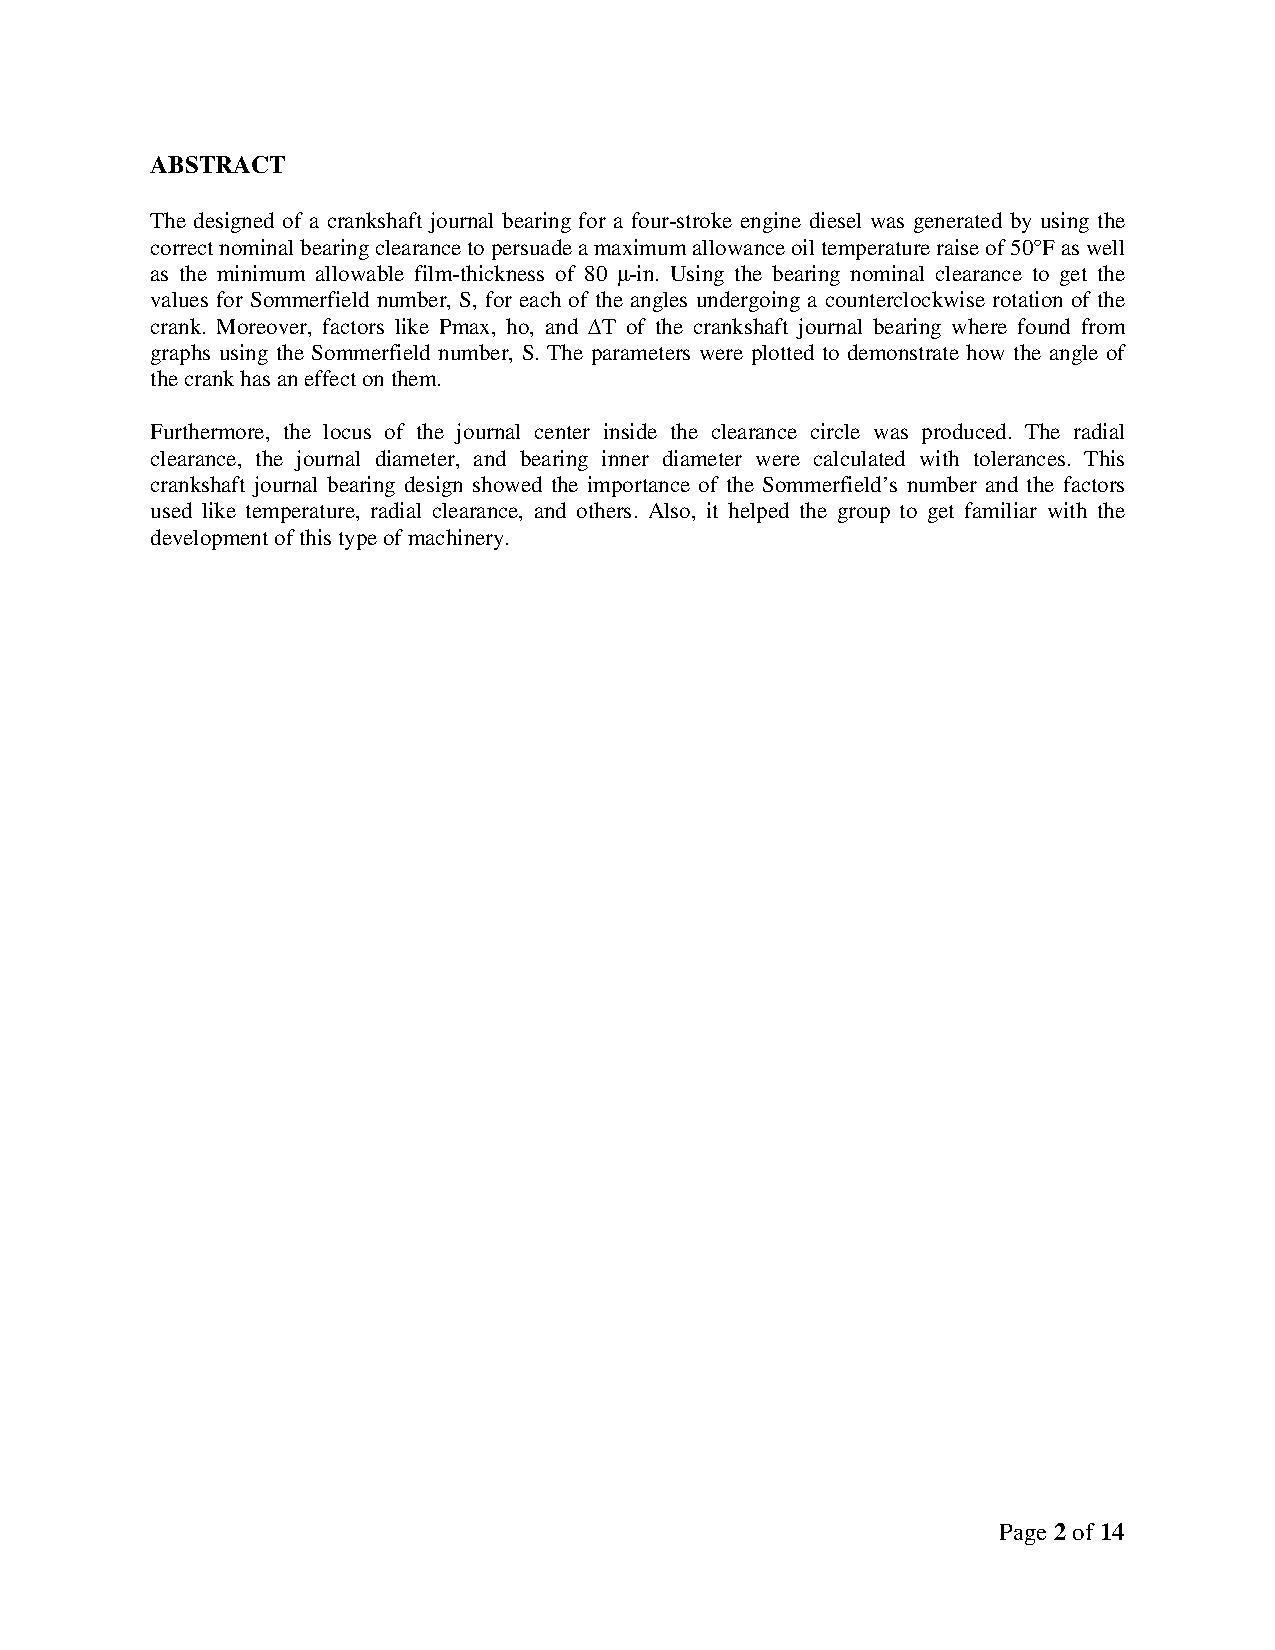 File:Crankshaft journal bearing design.pdf - Wikiversity